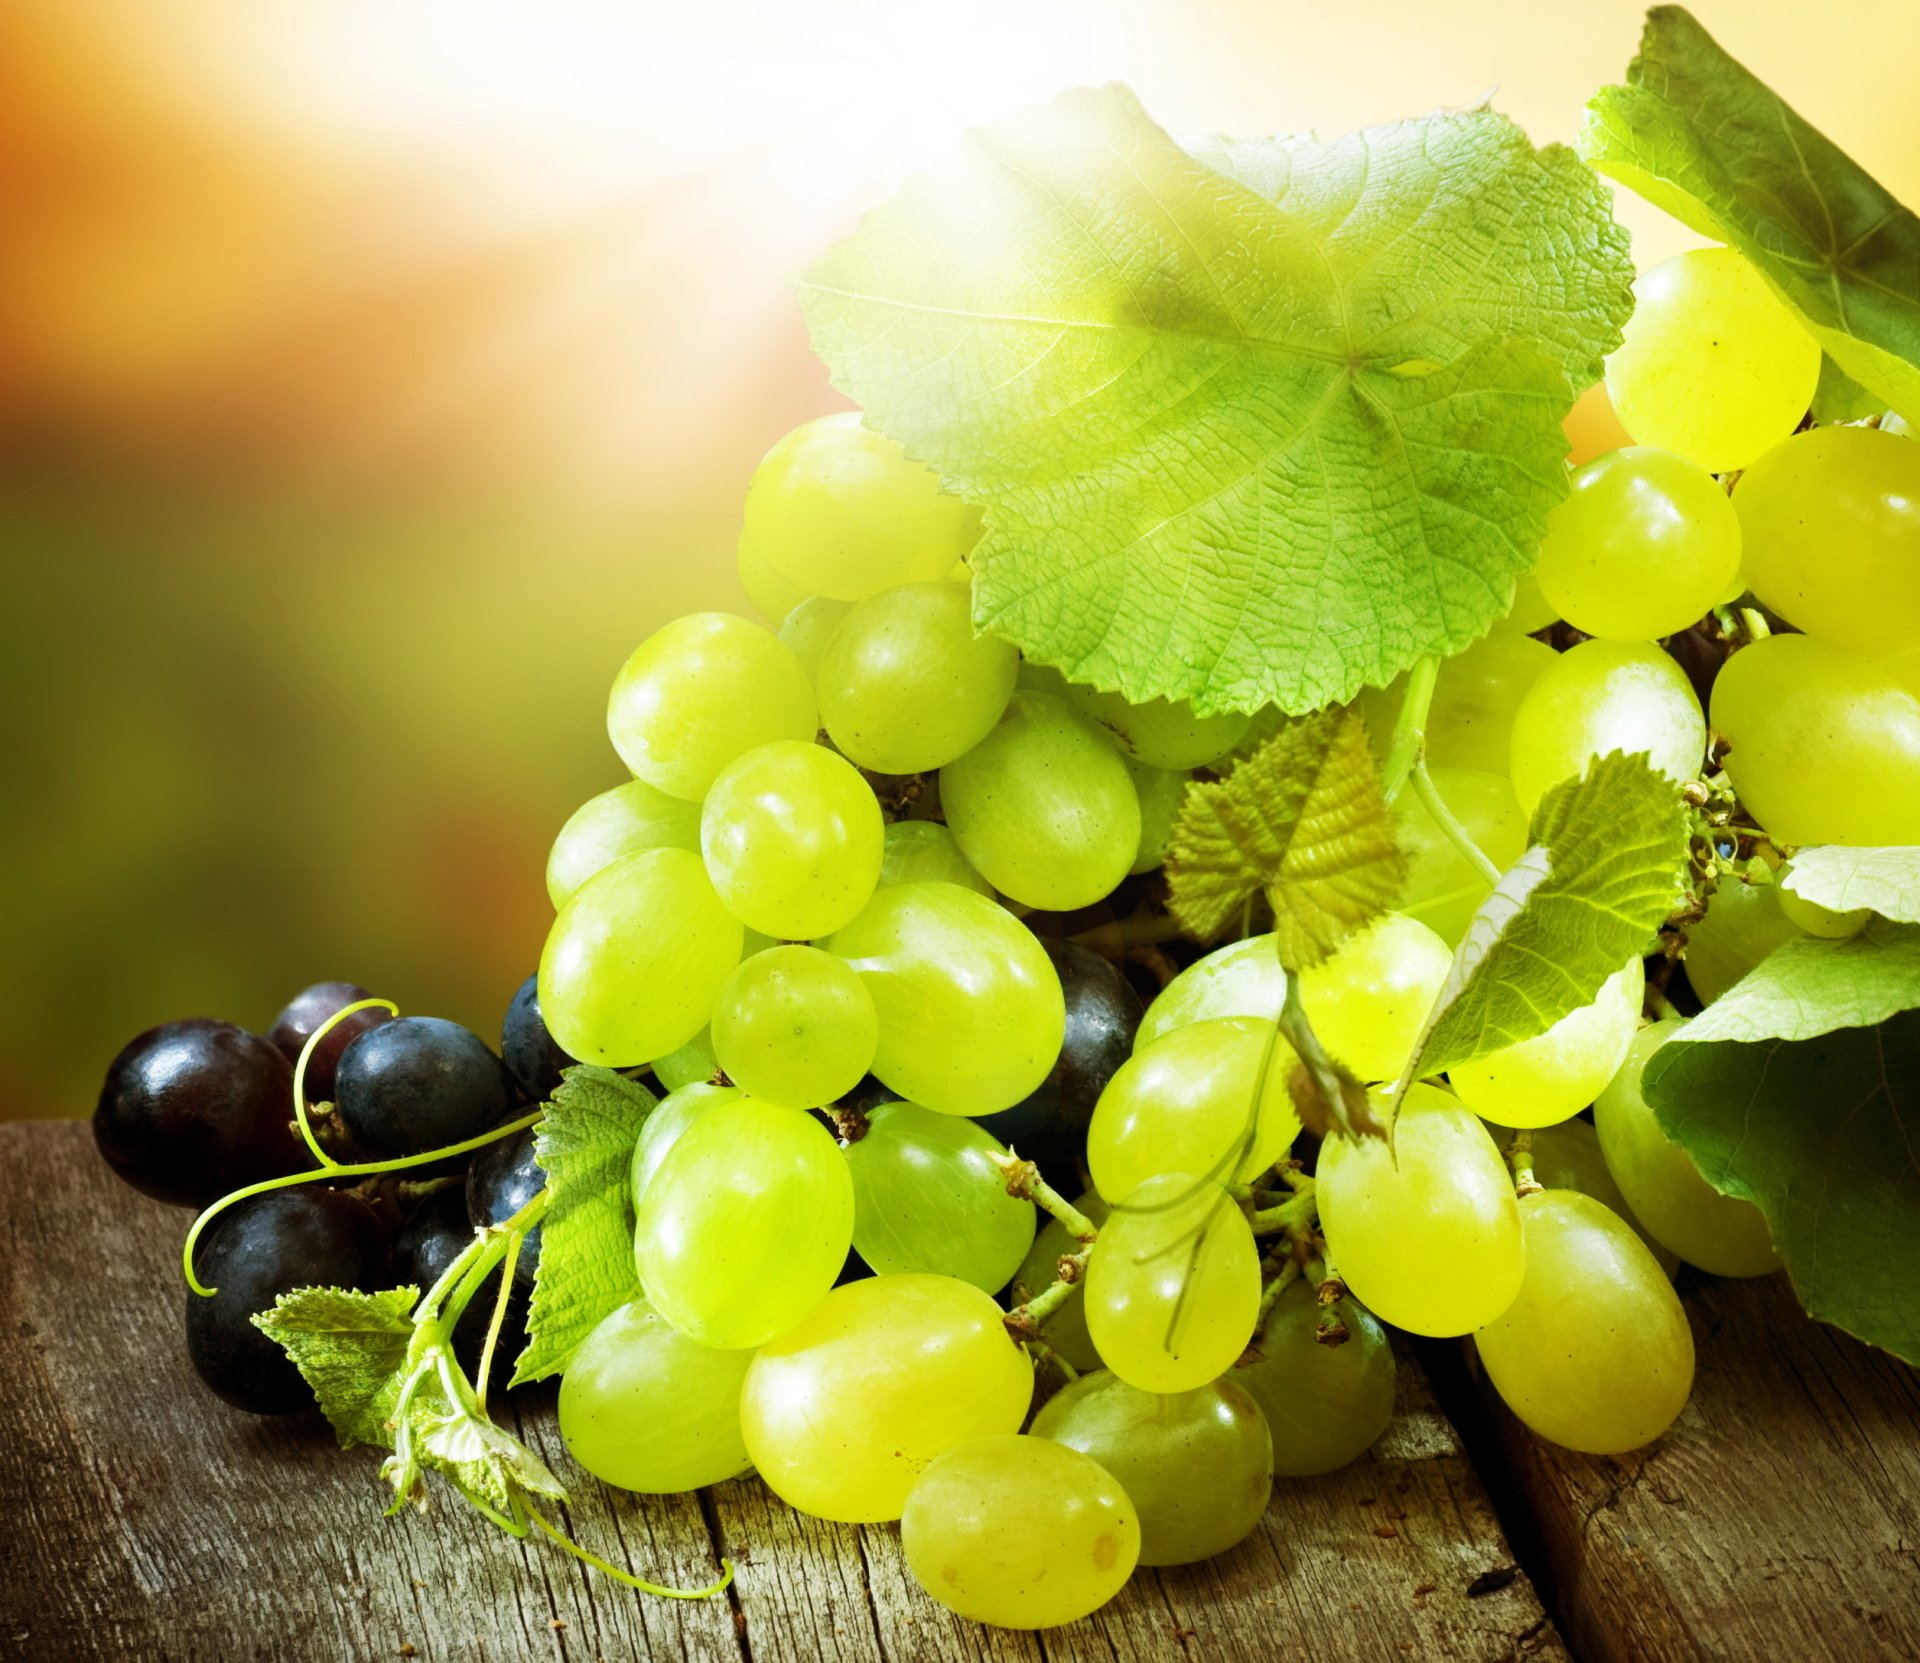 Grapes HD Wallpaper